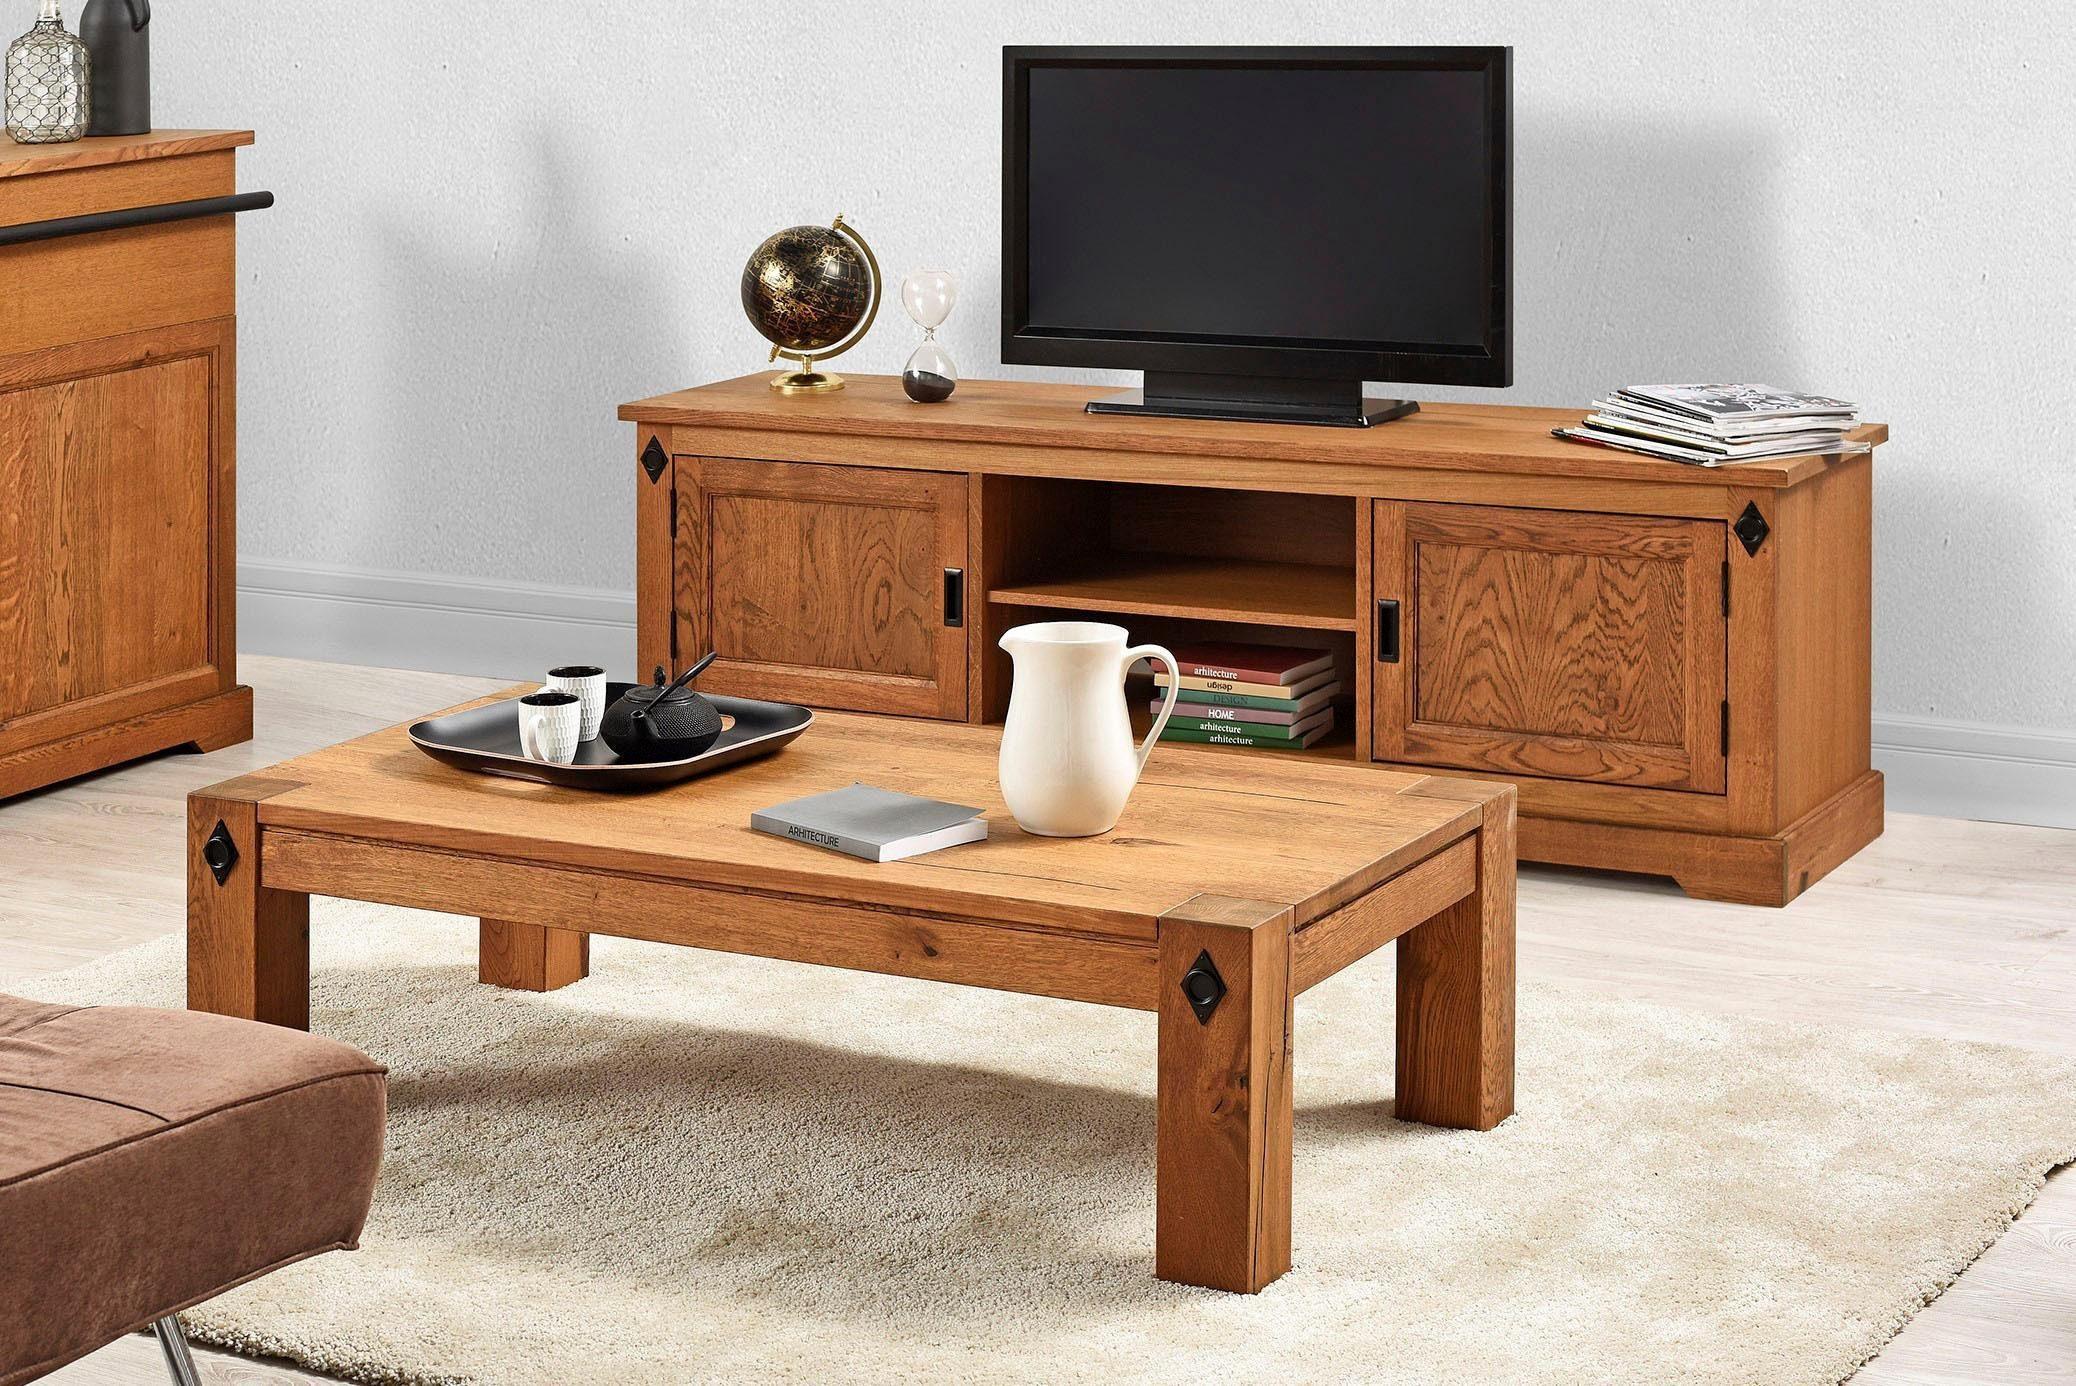 Eikenhout Tv Meubel : Premium by home affaire tv meubel edward« gedeeltelijk van